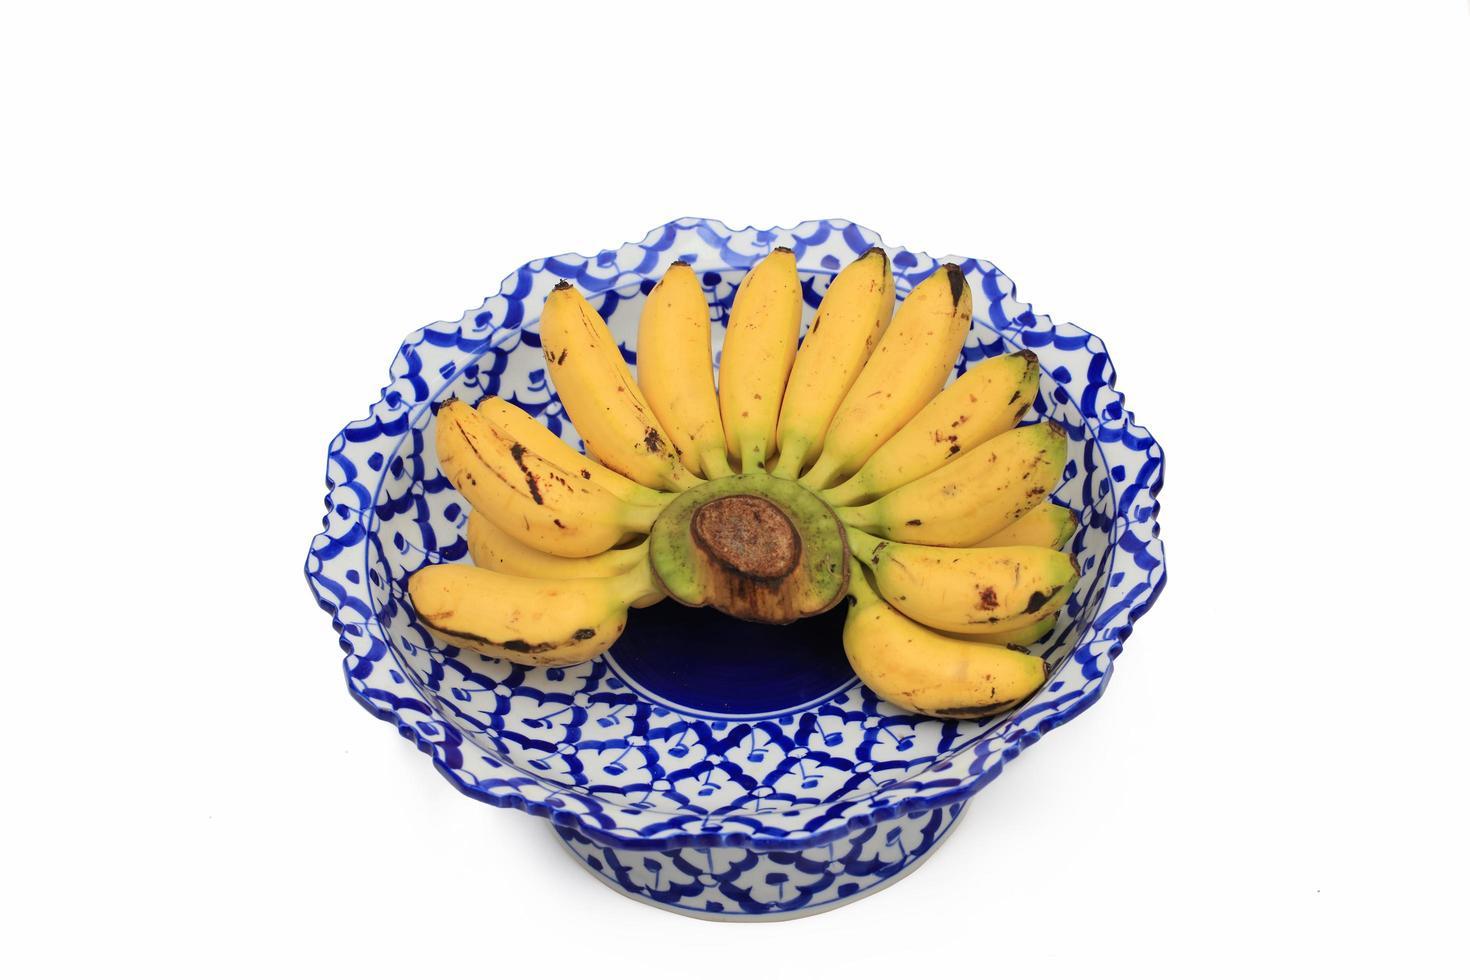 Plátanos amarillos en un plato tradicional tailandés foto